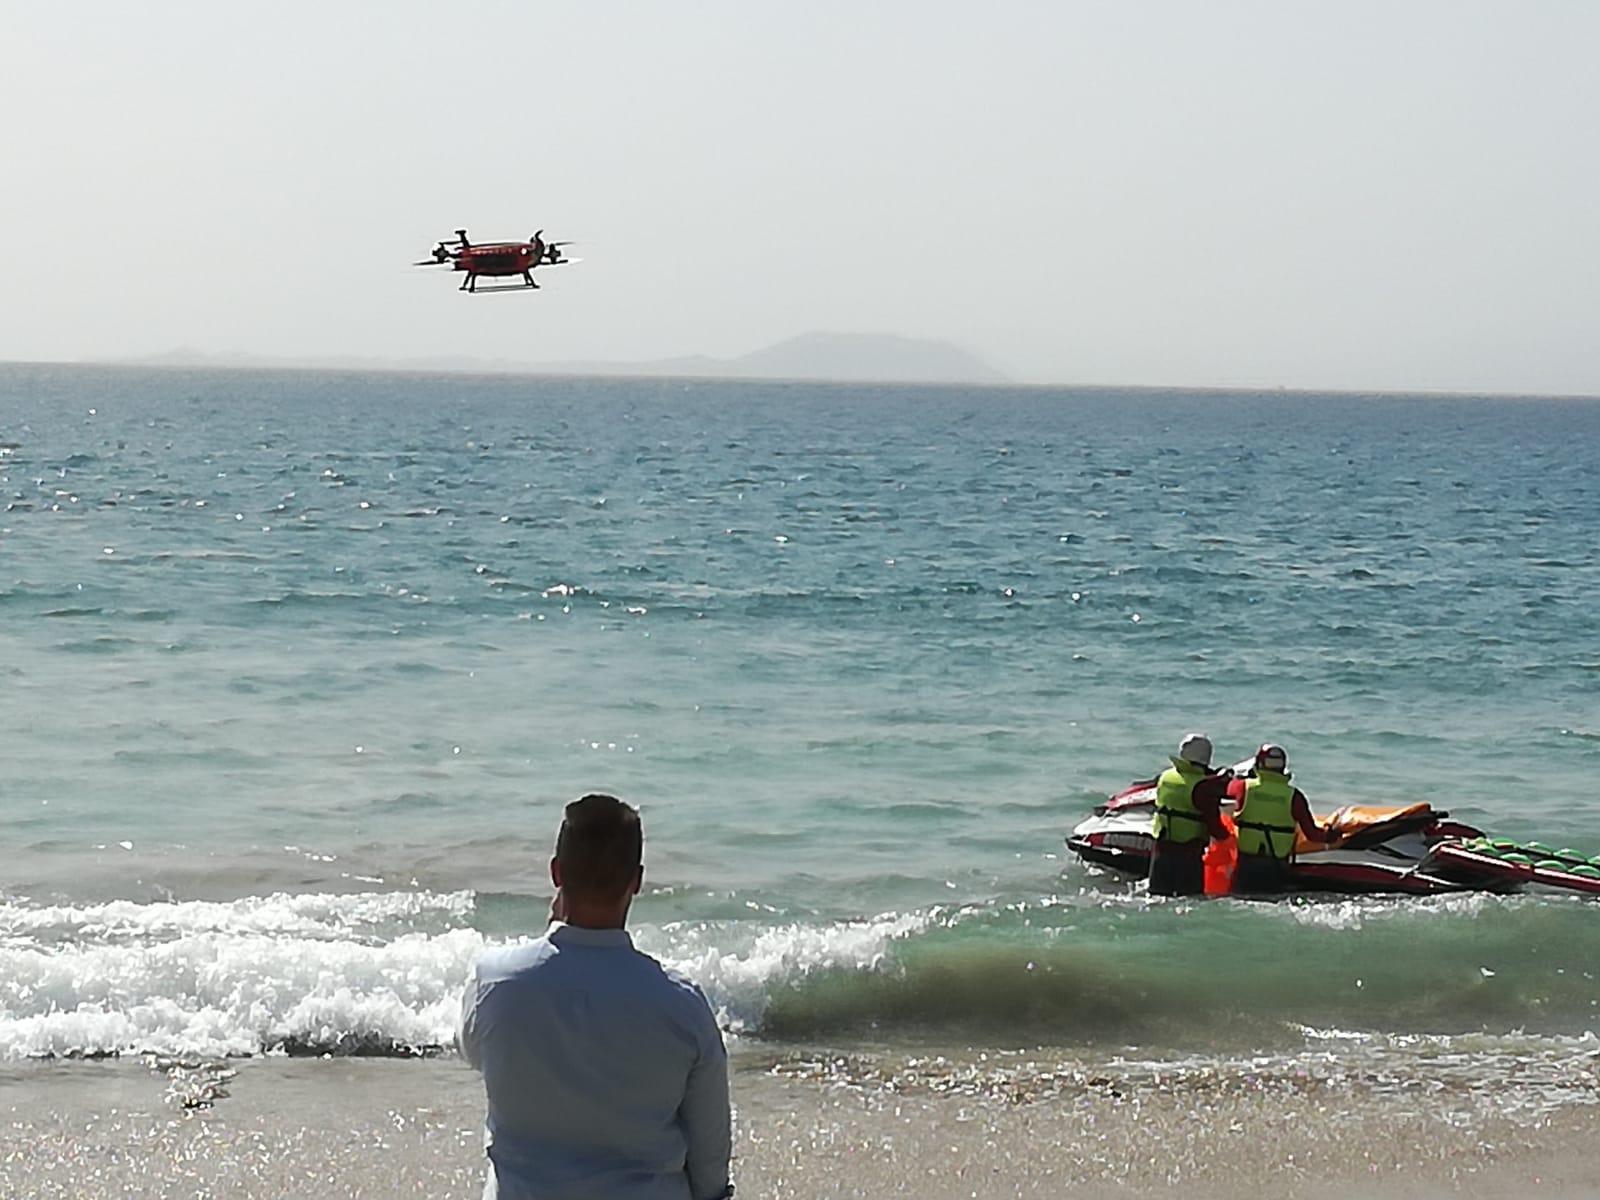 El Consorcio de Seguridad y Emergencias ve en los drones un nuevo elemento de rescate acuático